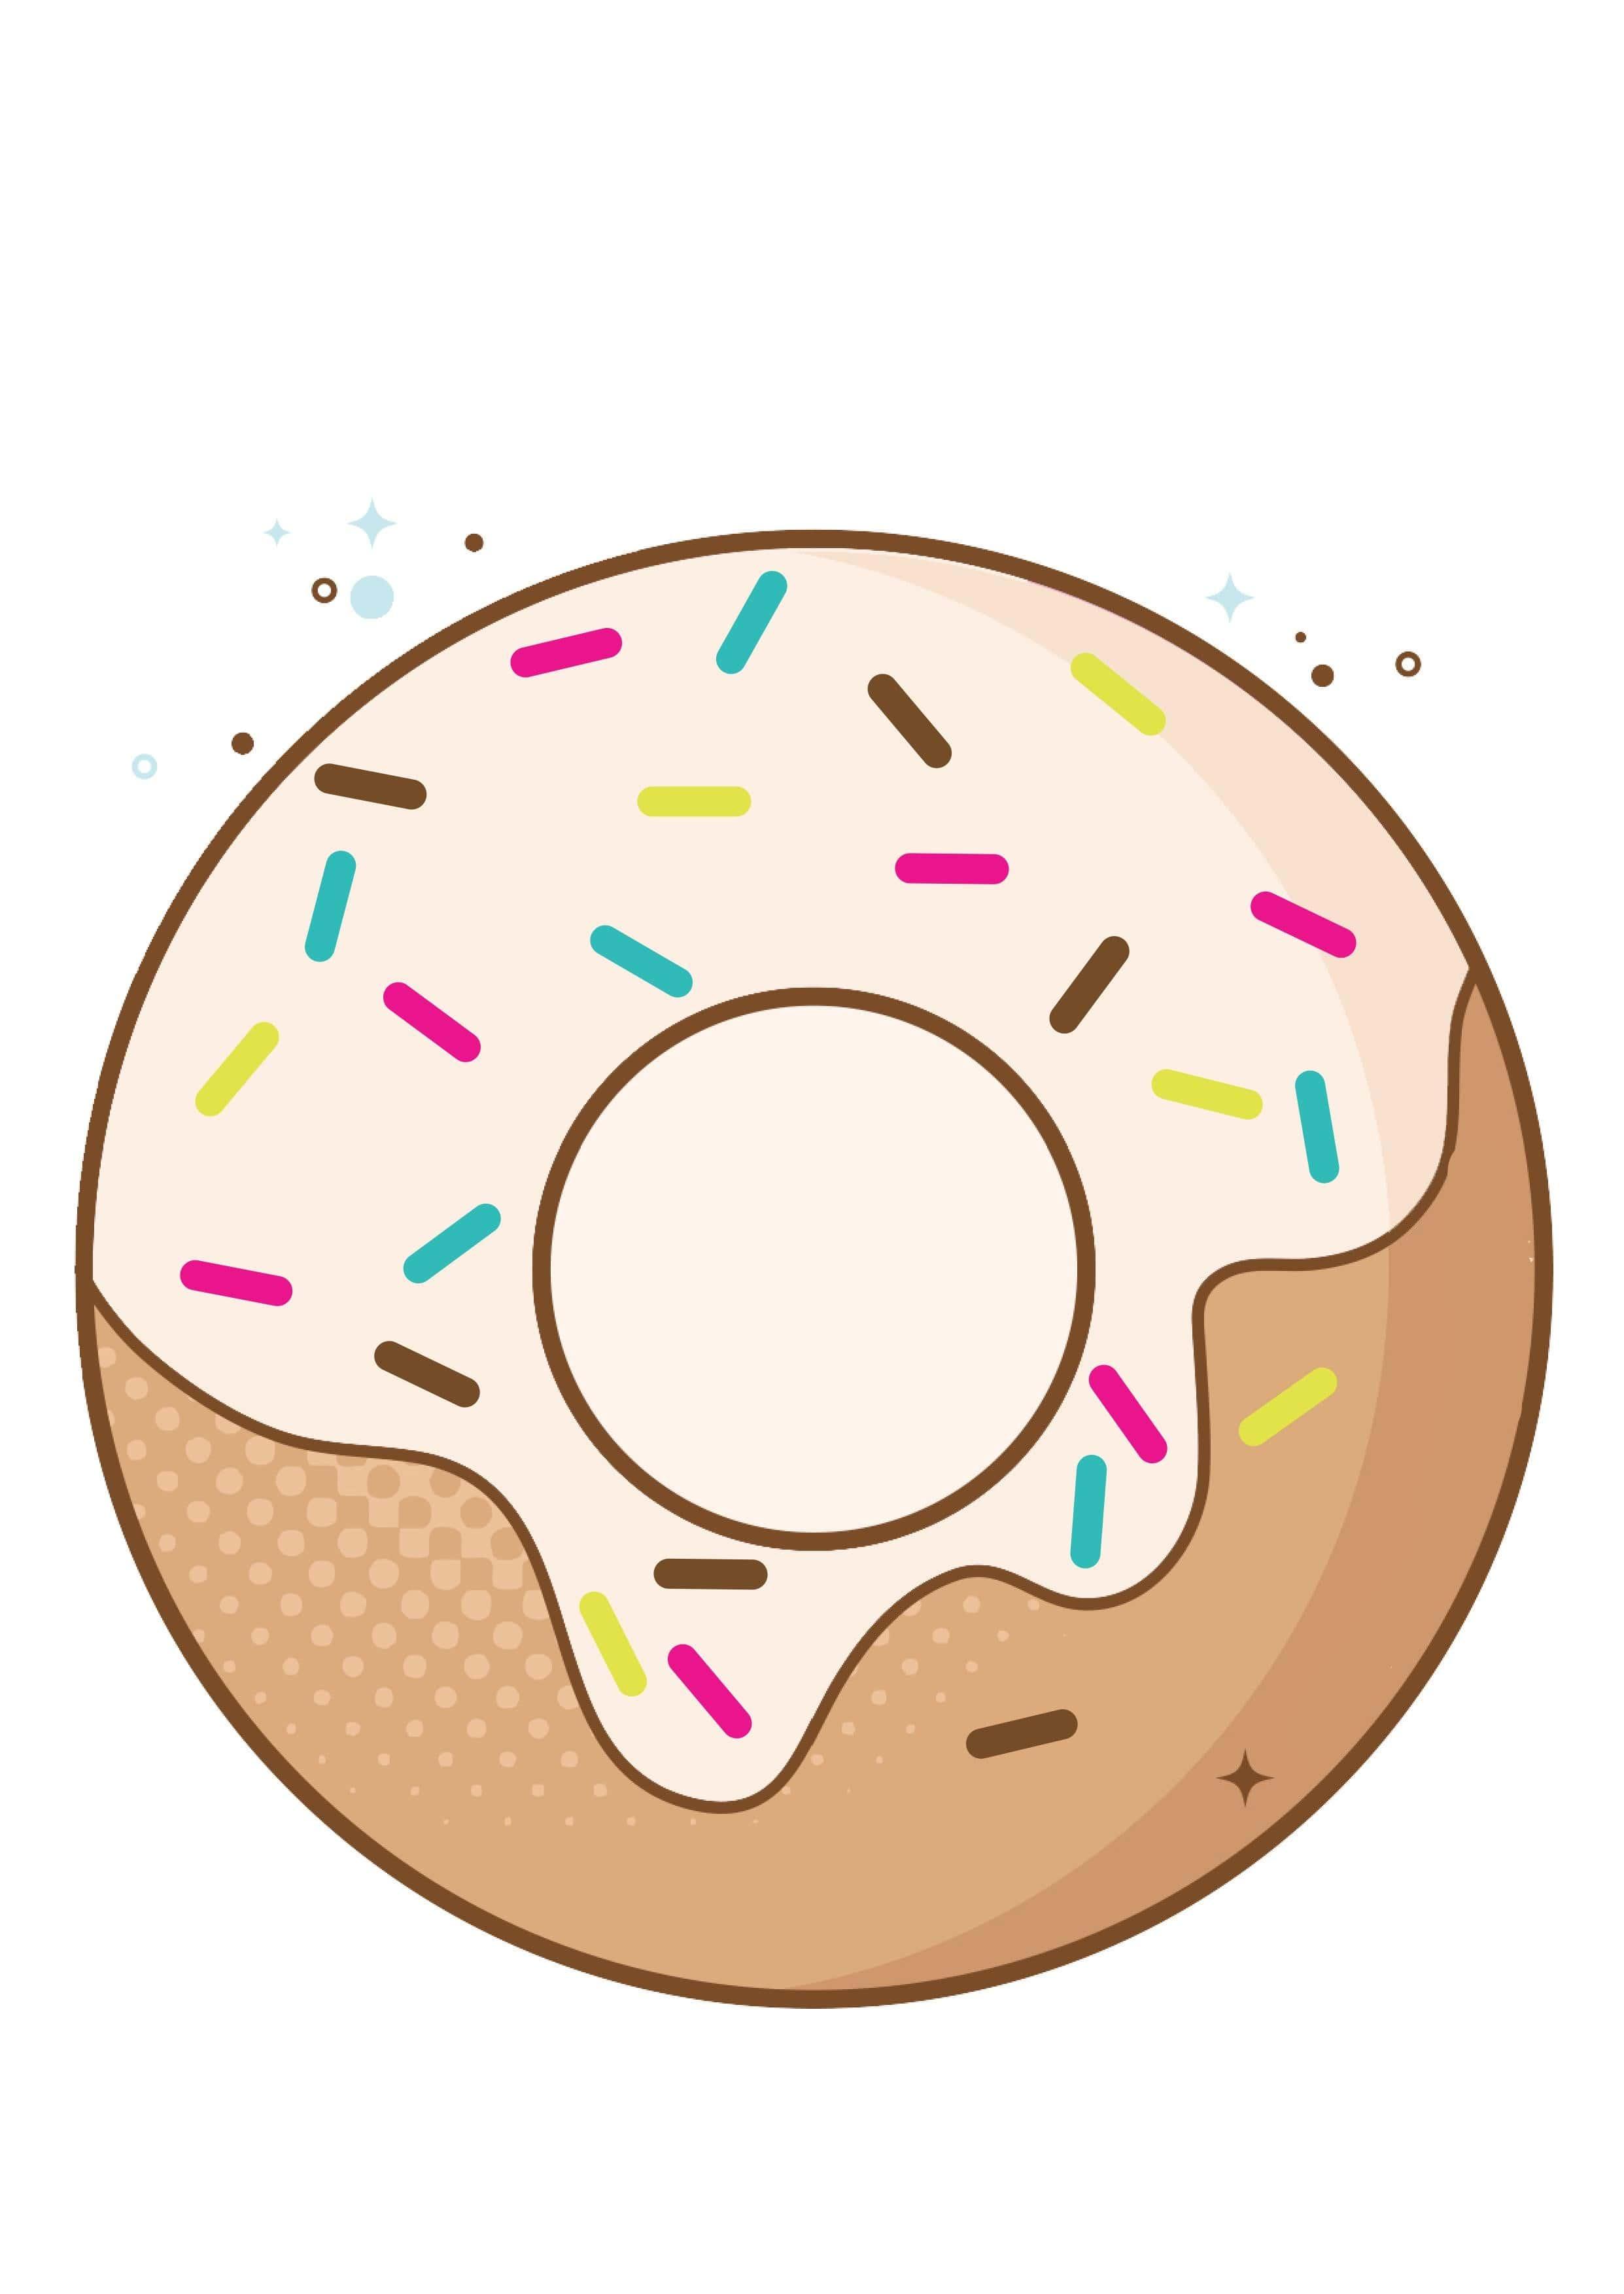 аналог микадо настольная игра пончик